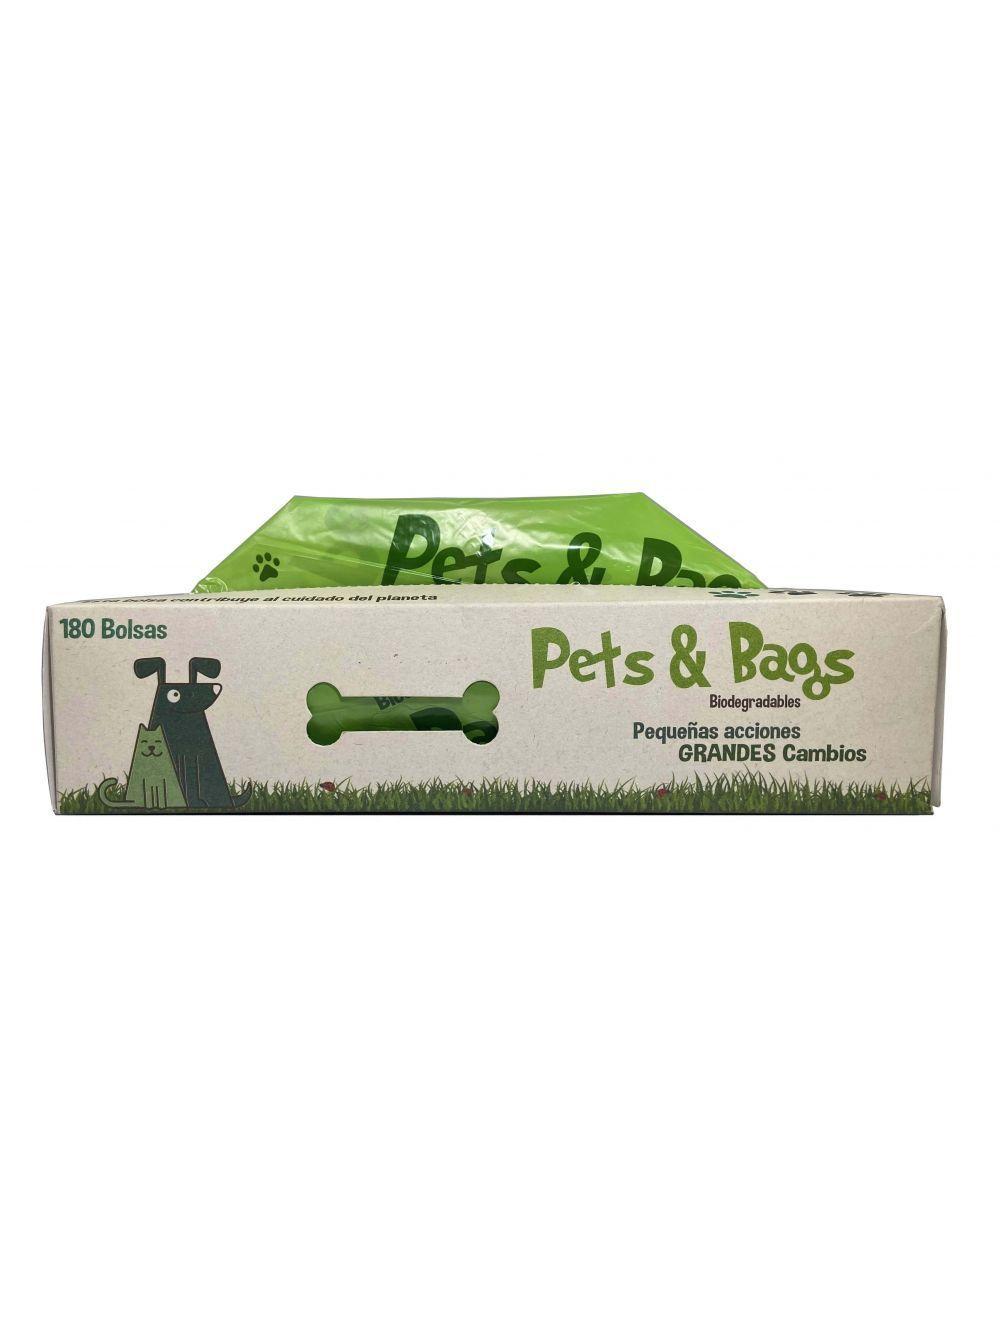 Pets & Bags Bolsas Biodegradables x 180-Ciudaddemascotas.com